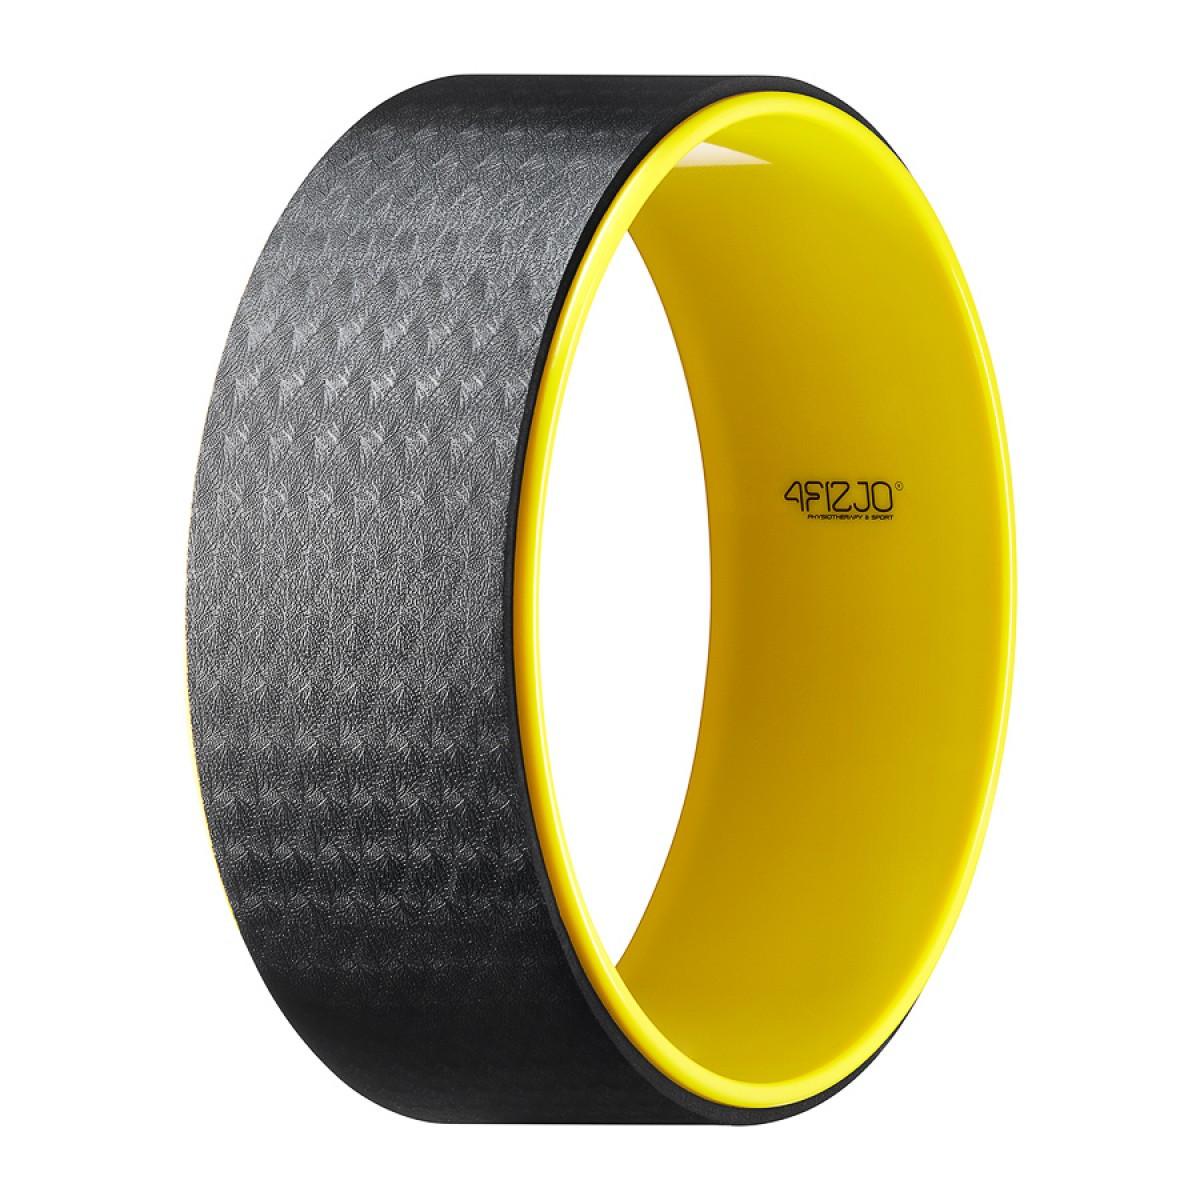 Колесо для йоги та фітнесу кільце коло 4FIZJO Dharma XXL Yellow 4FJ0131